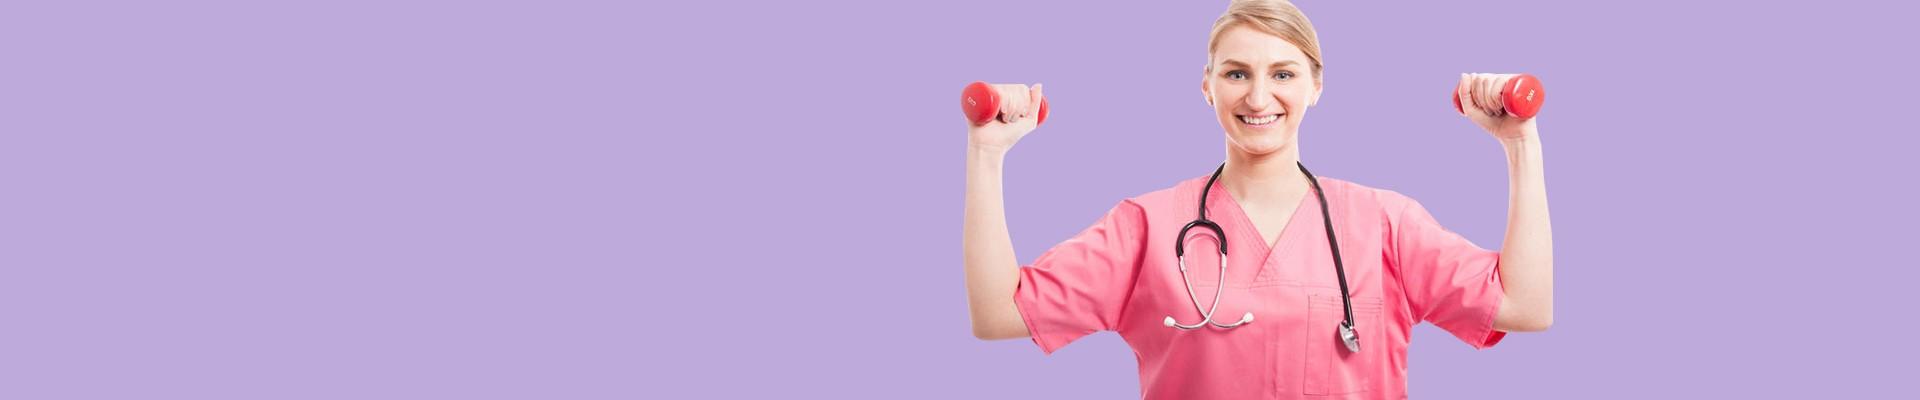 Jual Produk Kesehatan Wanita Terbaik